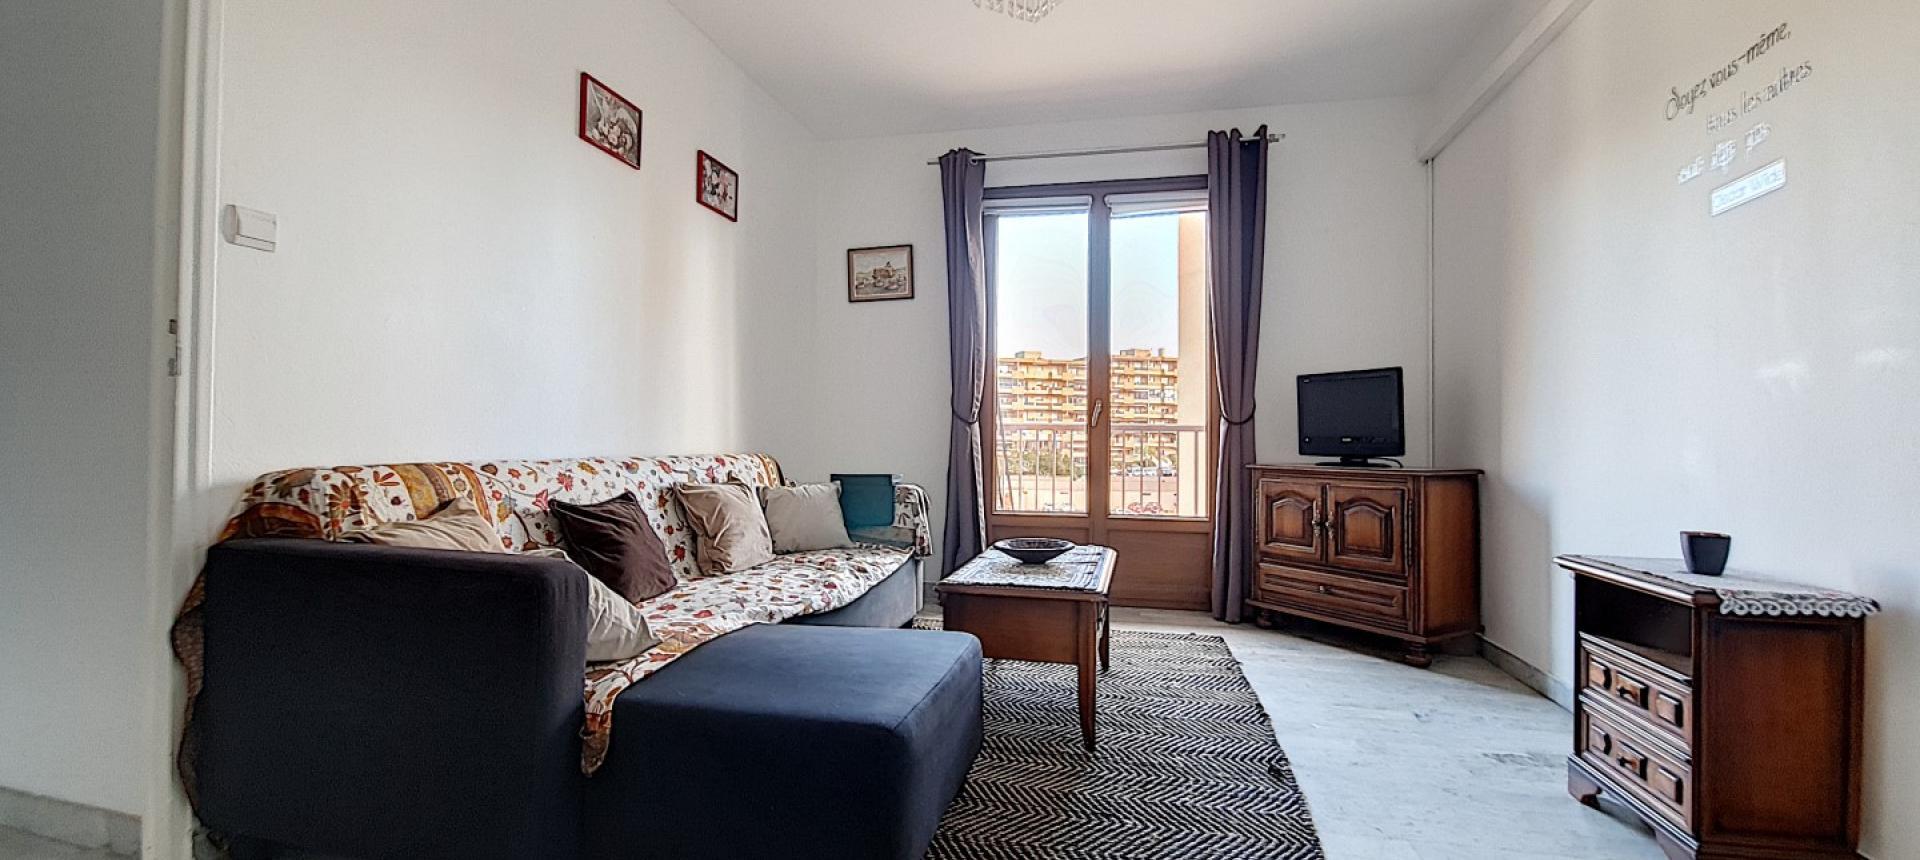 F2 meublé à louer Pietralba séjour